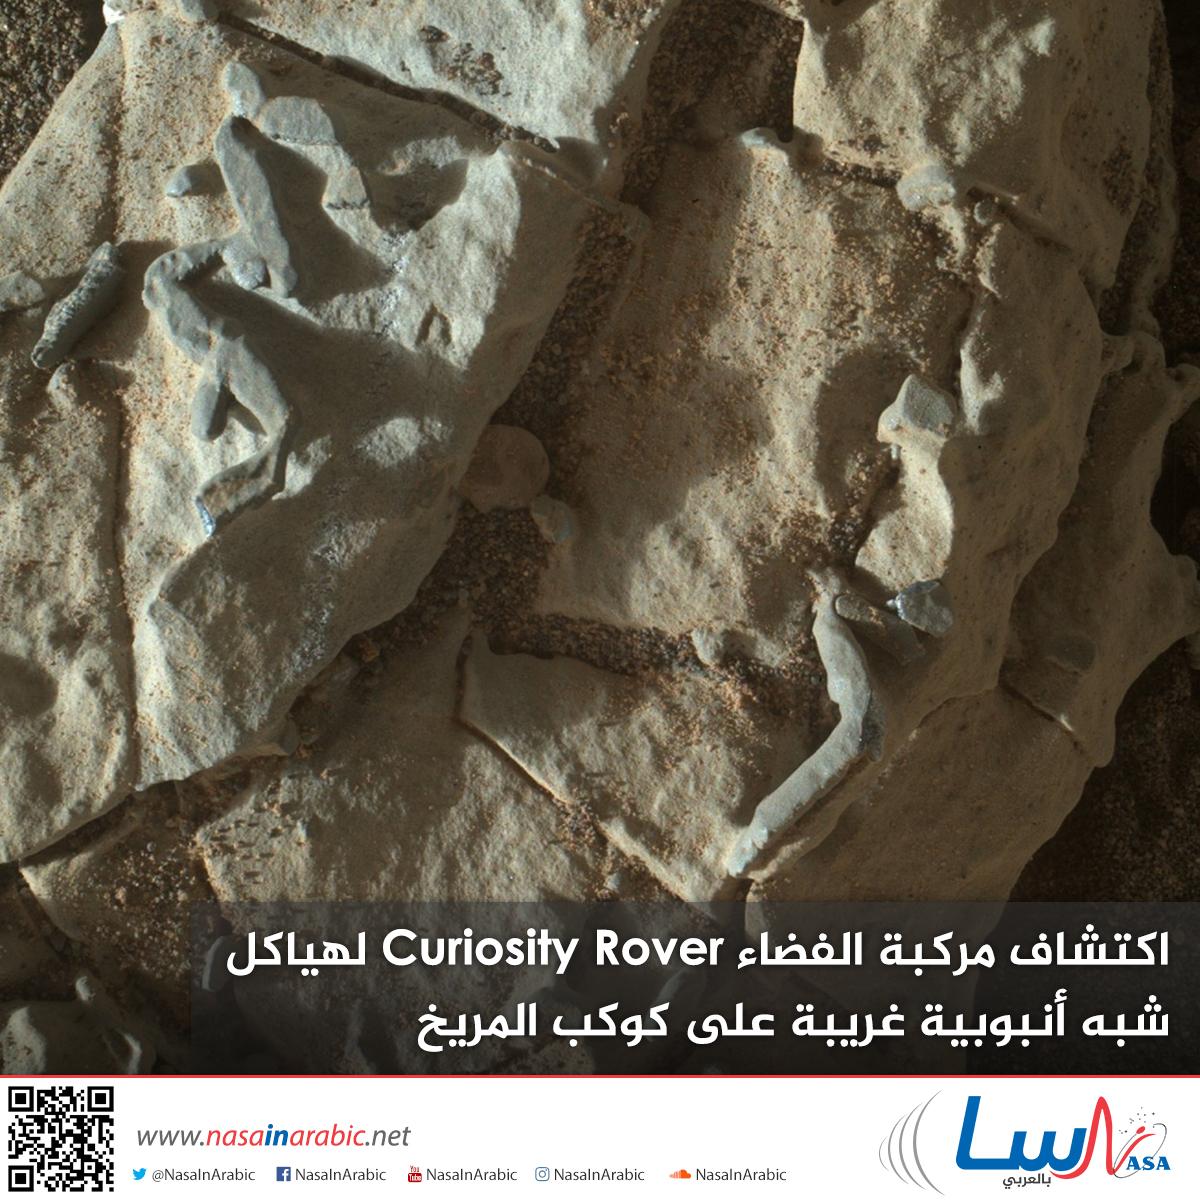 اكتشاف مركبة الفضاء Curiosity Rover لهياكل شبه أنبوبية غريبة على كوكب المريخ